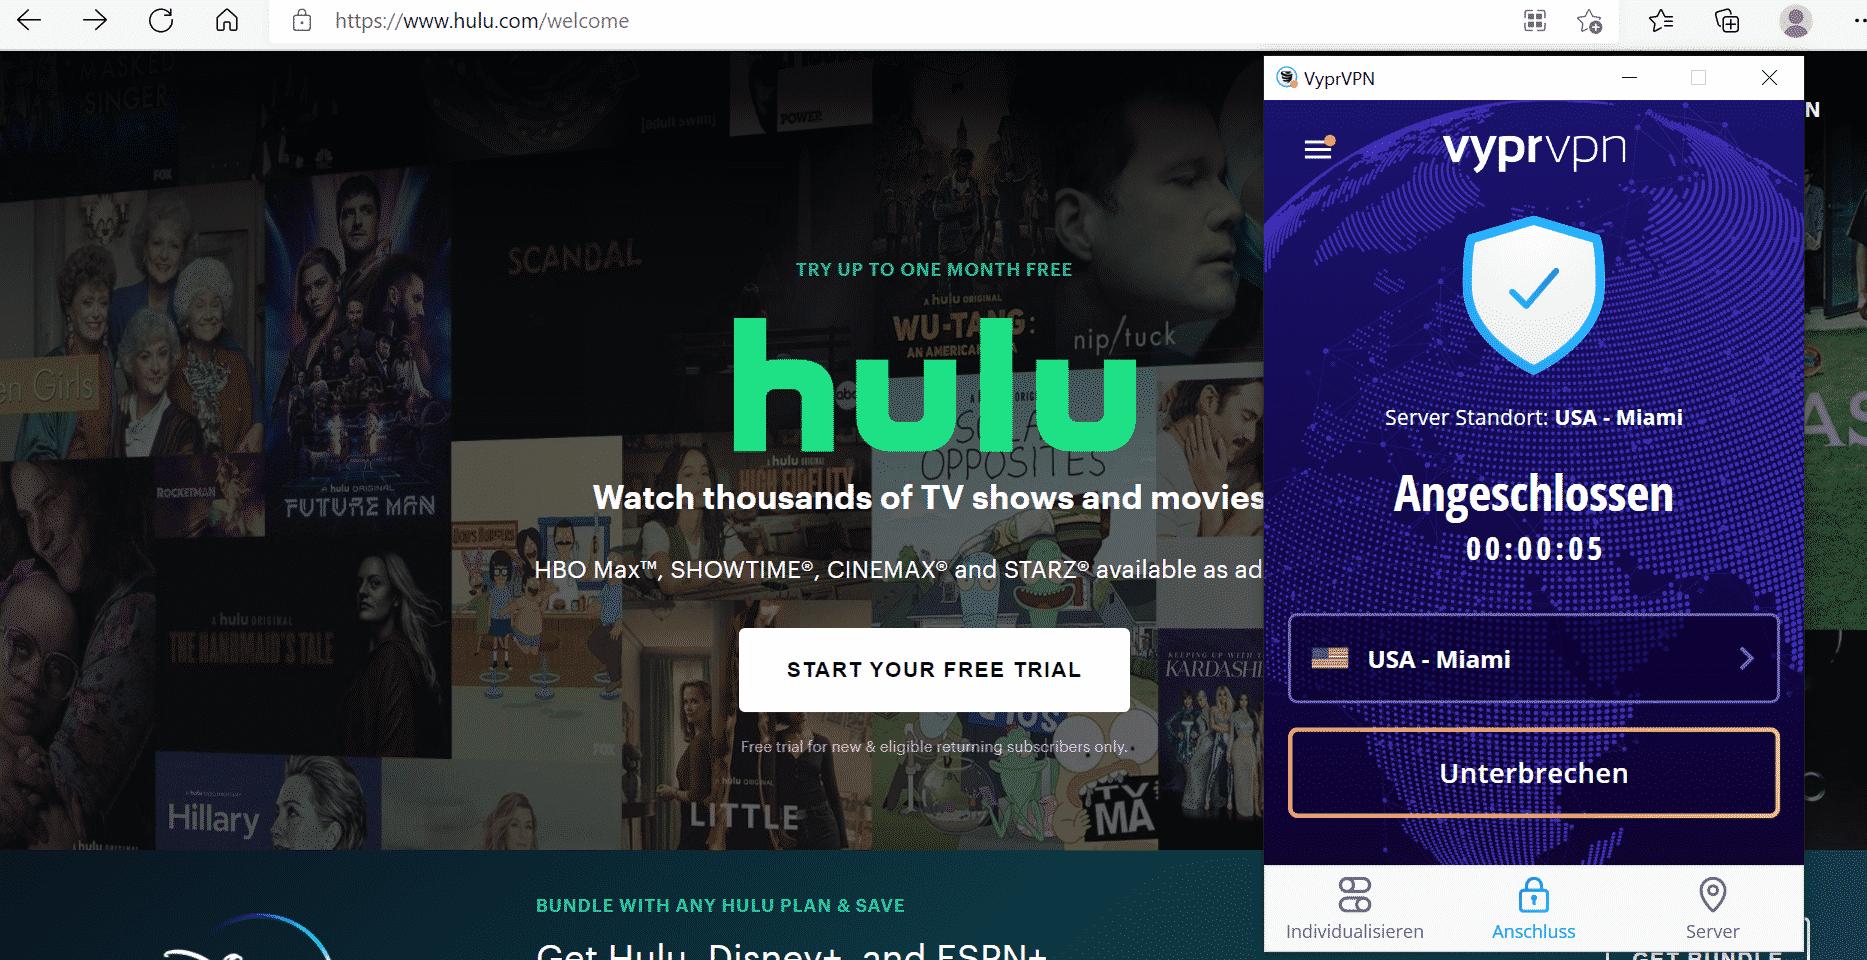 Hulu Deutschland mit VyprVPN